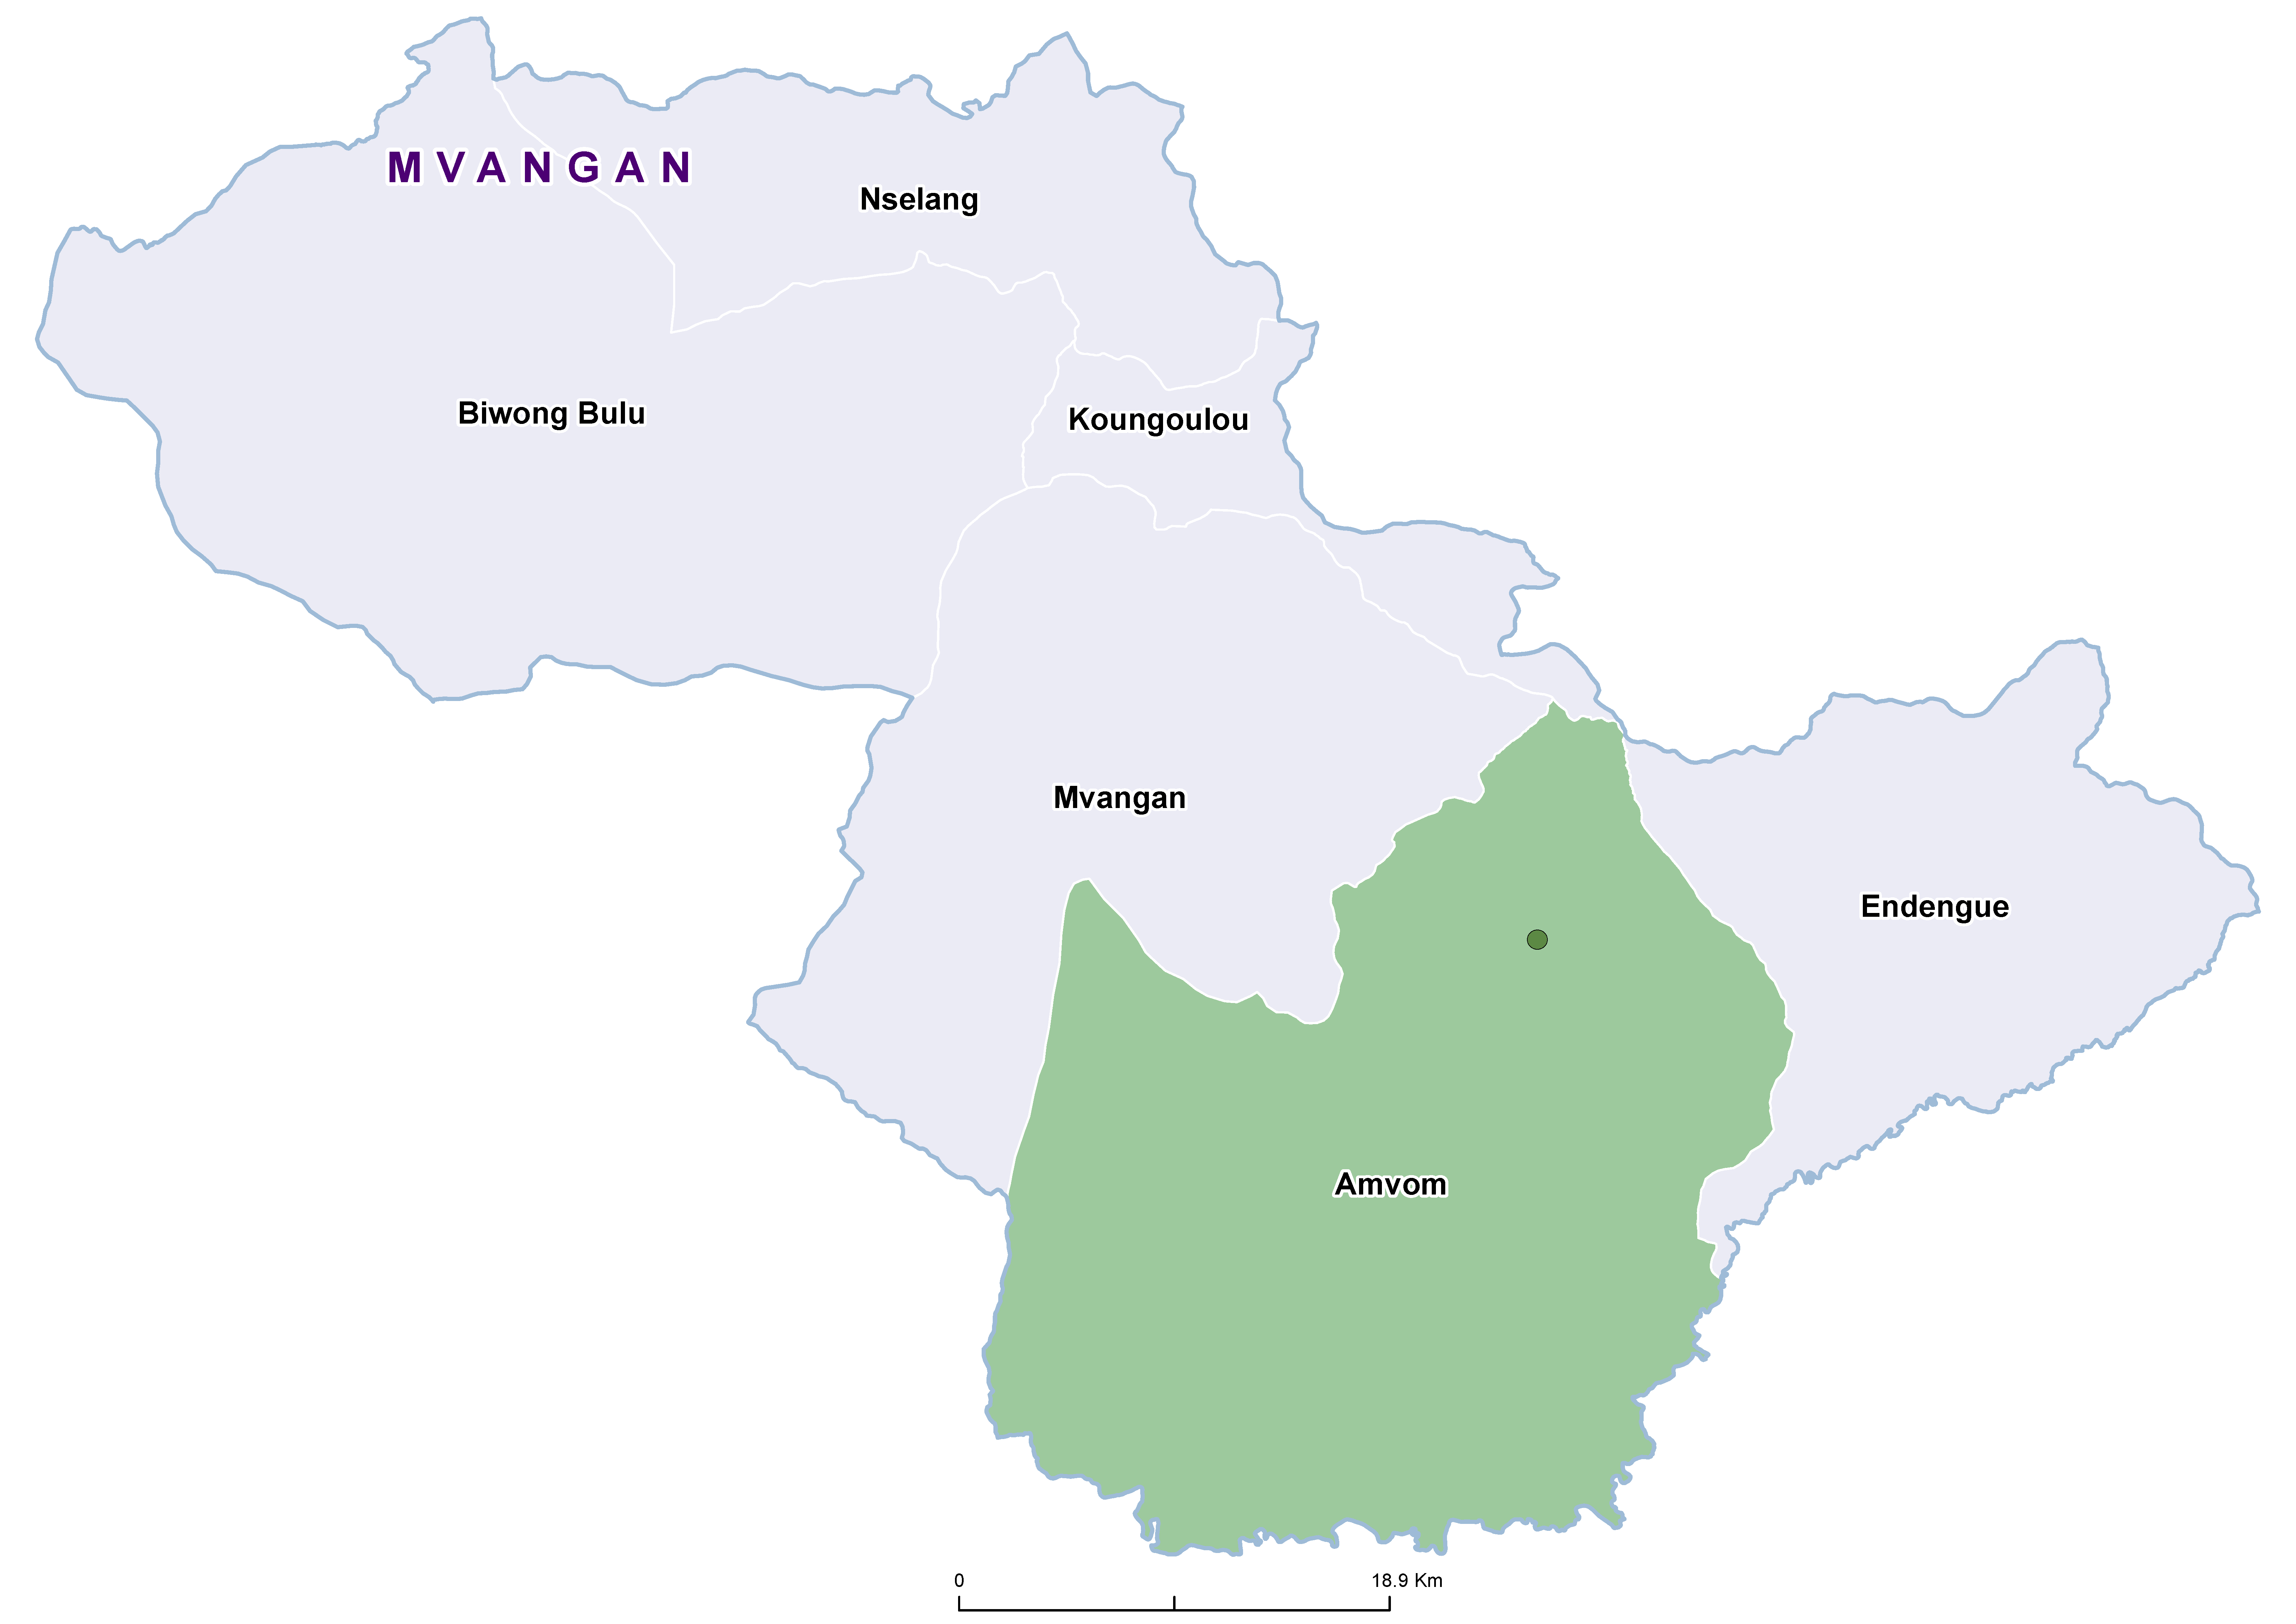 Mvangan SCH 19850001